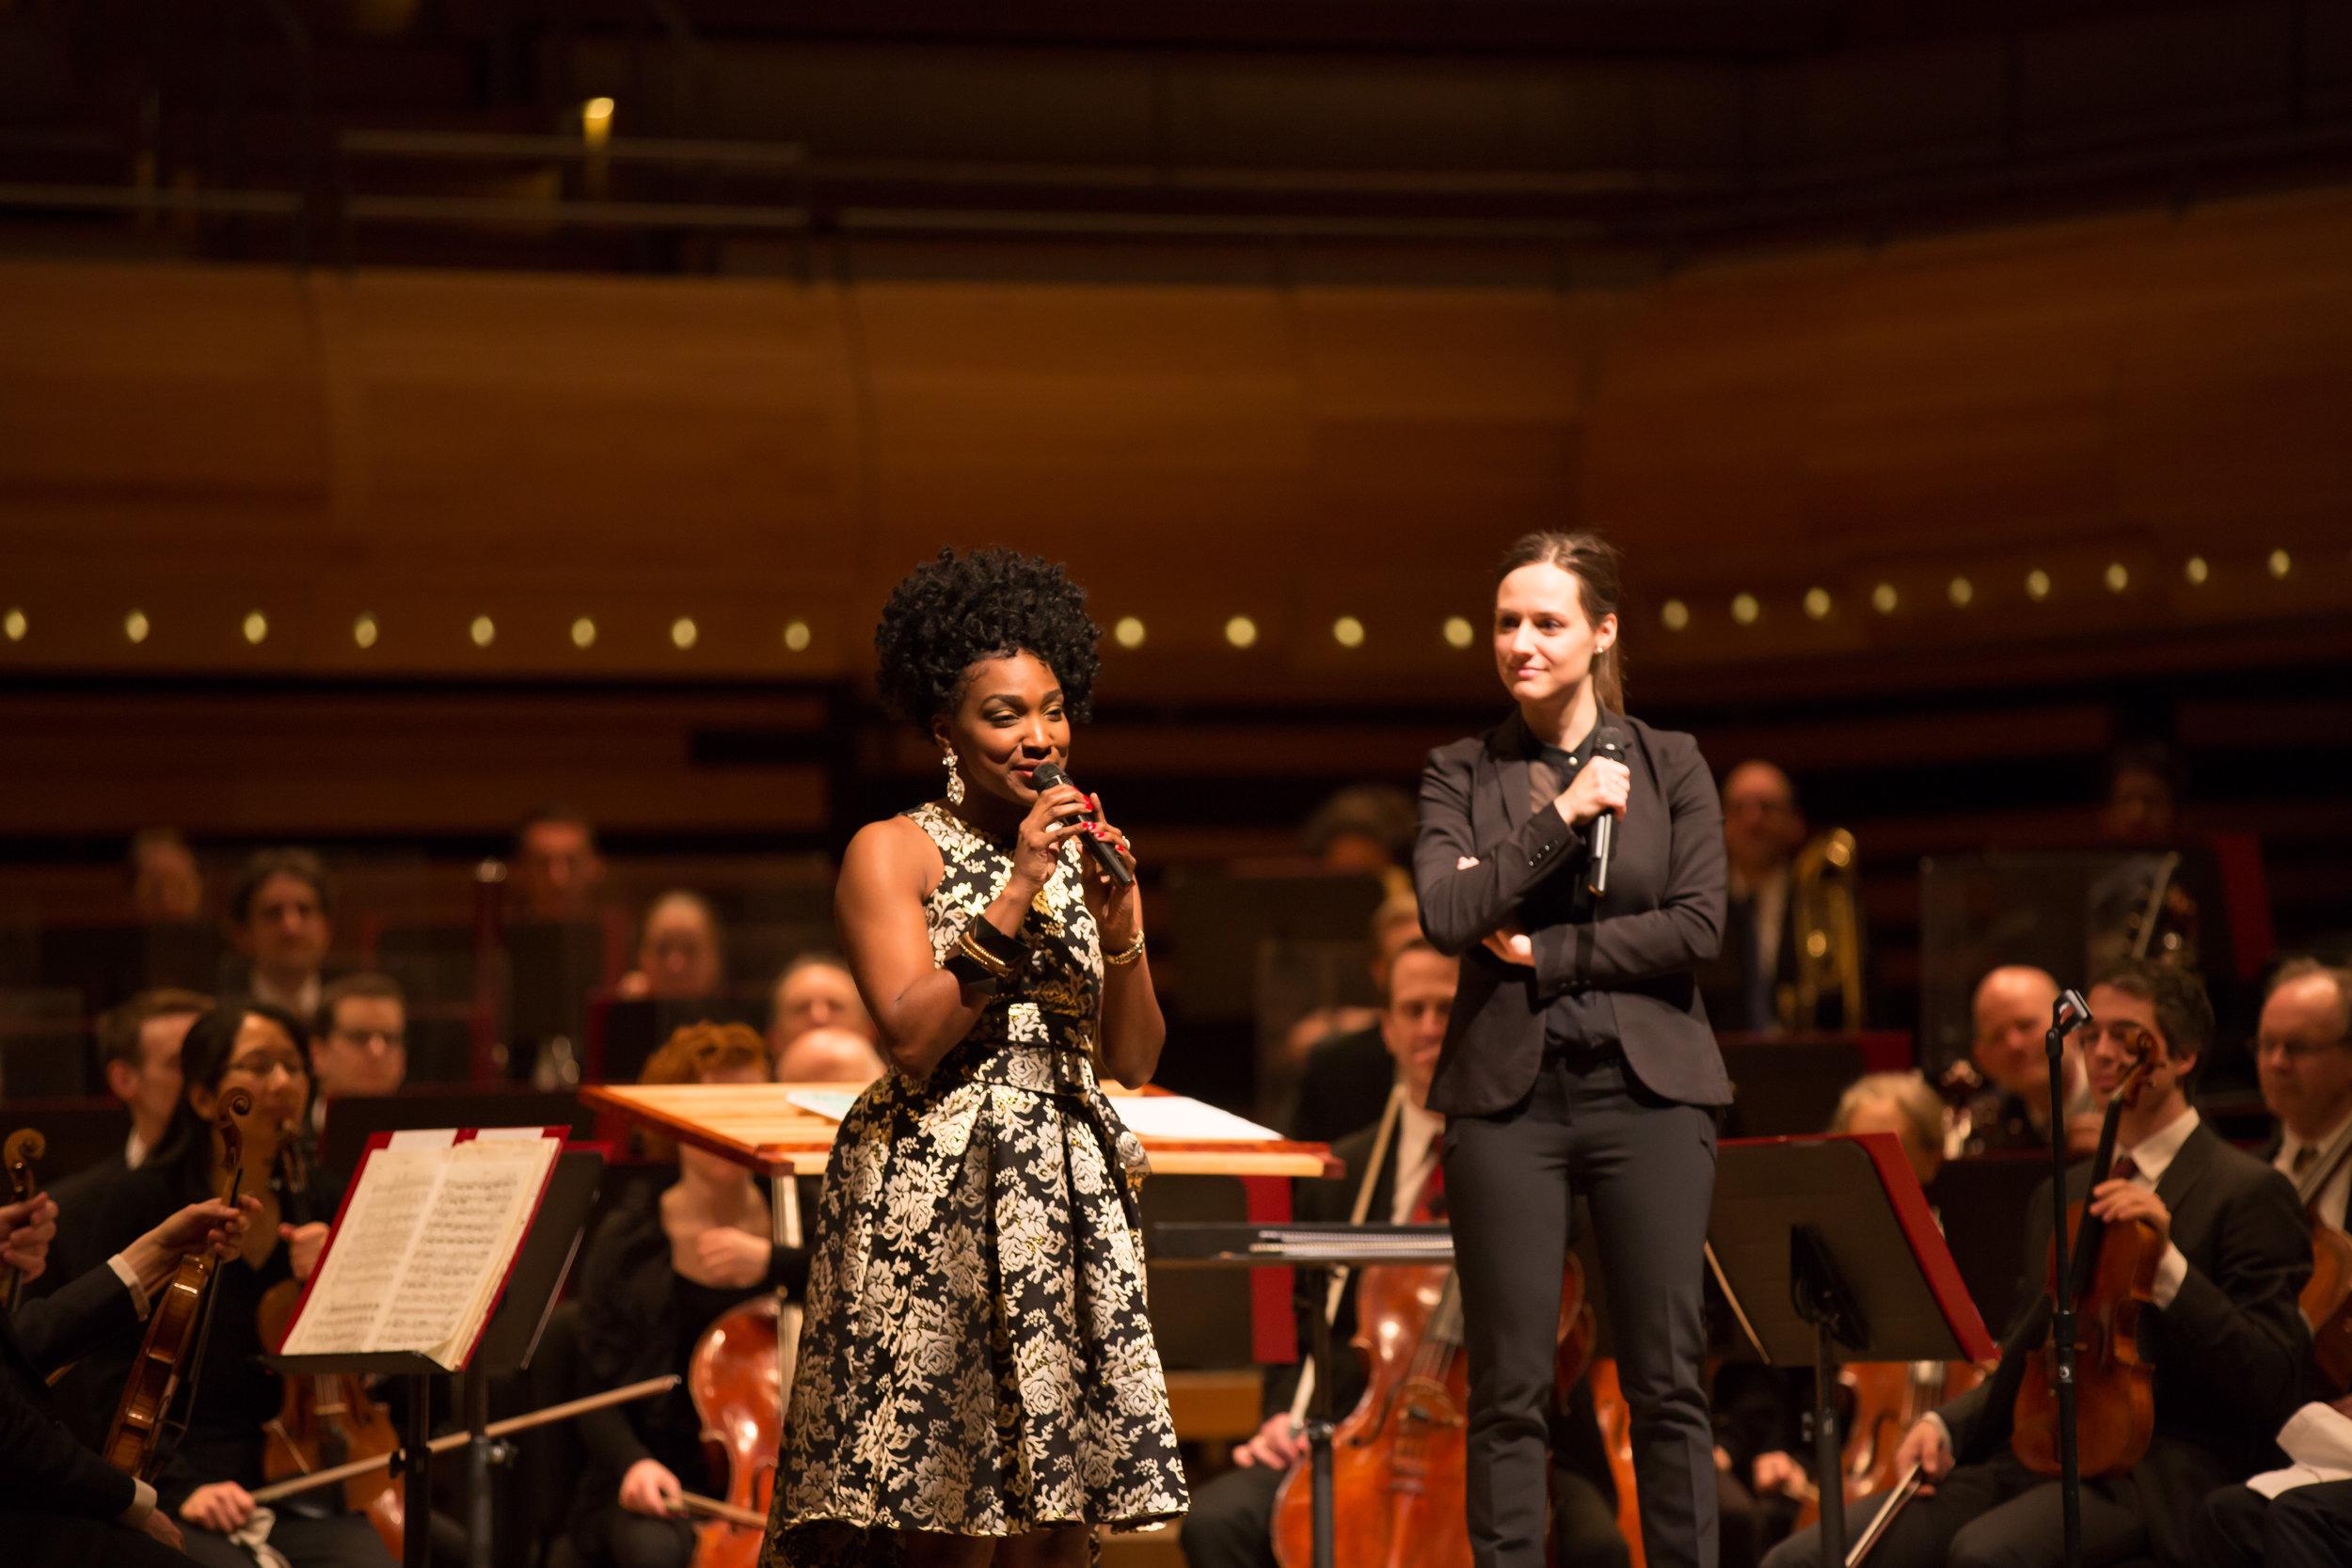 Host & Organizer of The Friends of the OSM Benefit Concert - Maison Symphonique